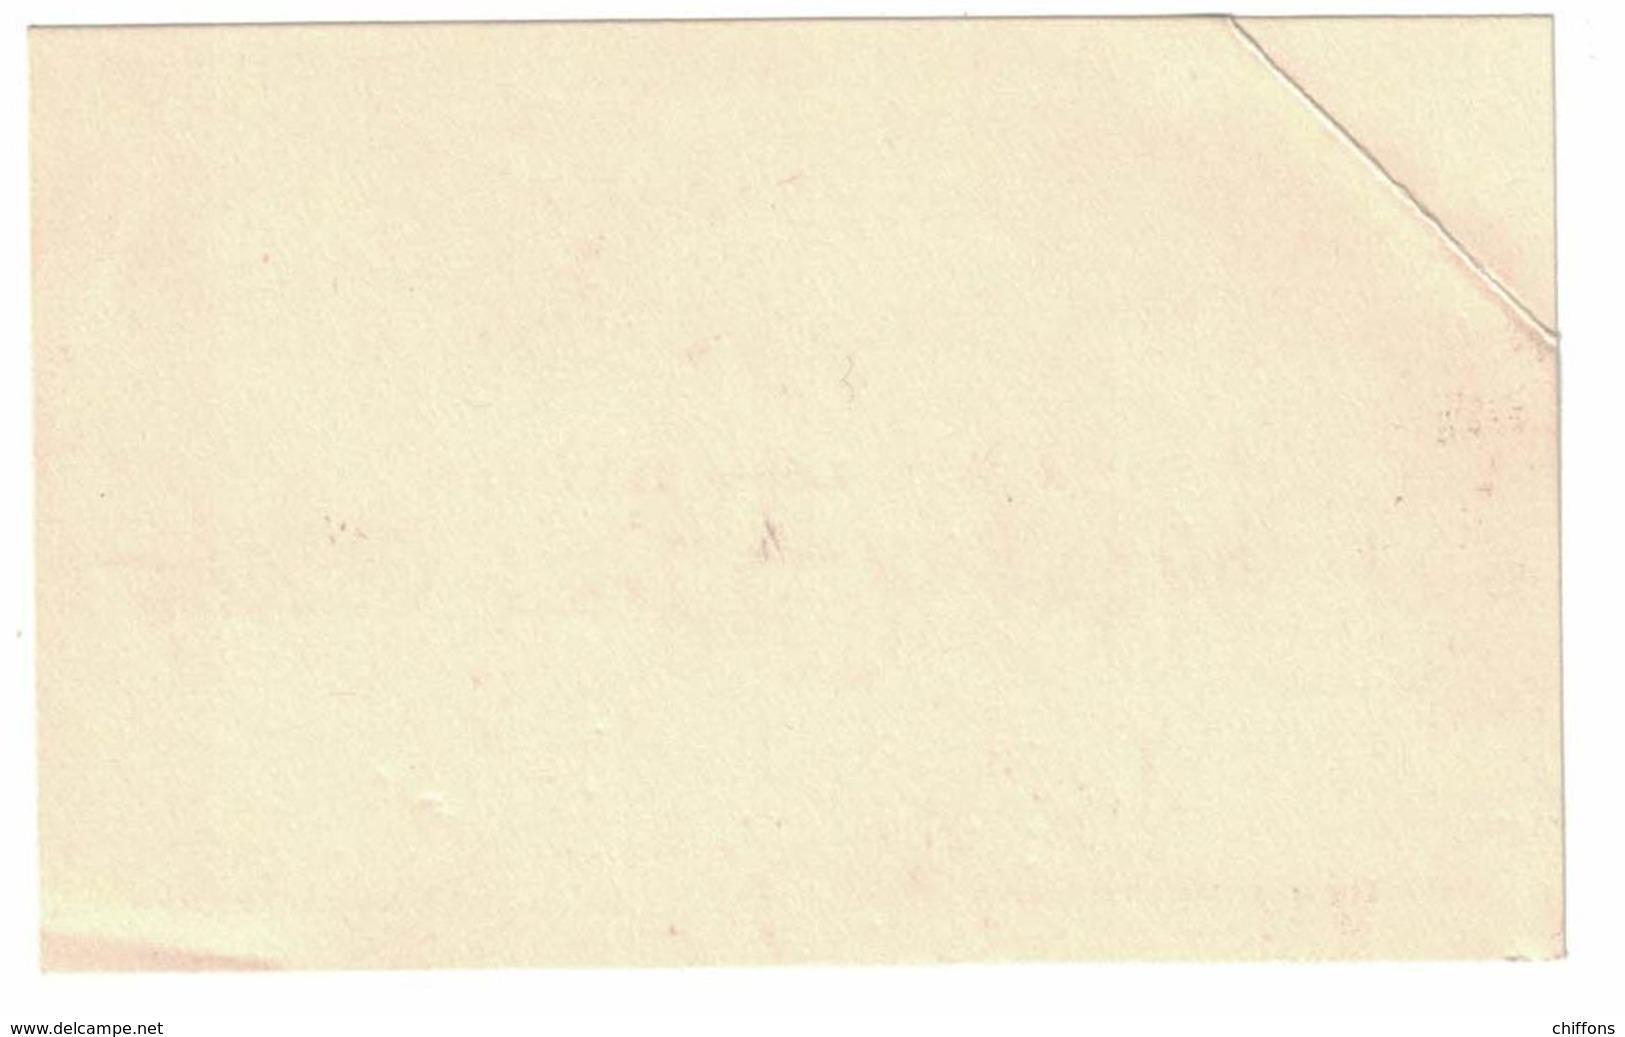 Mr & Mme LEON BALTUS ET Mr & Mme JEAN BALTUS 10 RUE D'OUTREMAN VALENCIENNES - Cartes De Visite